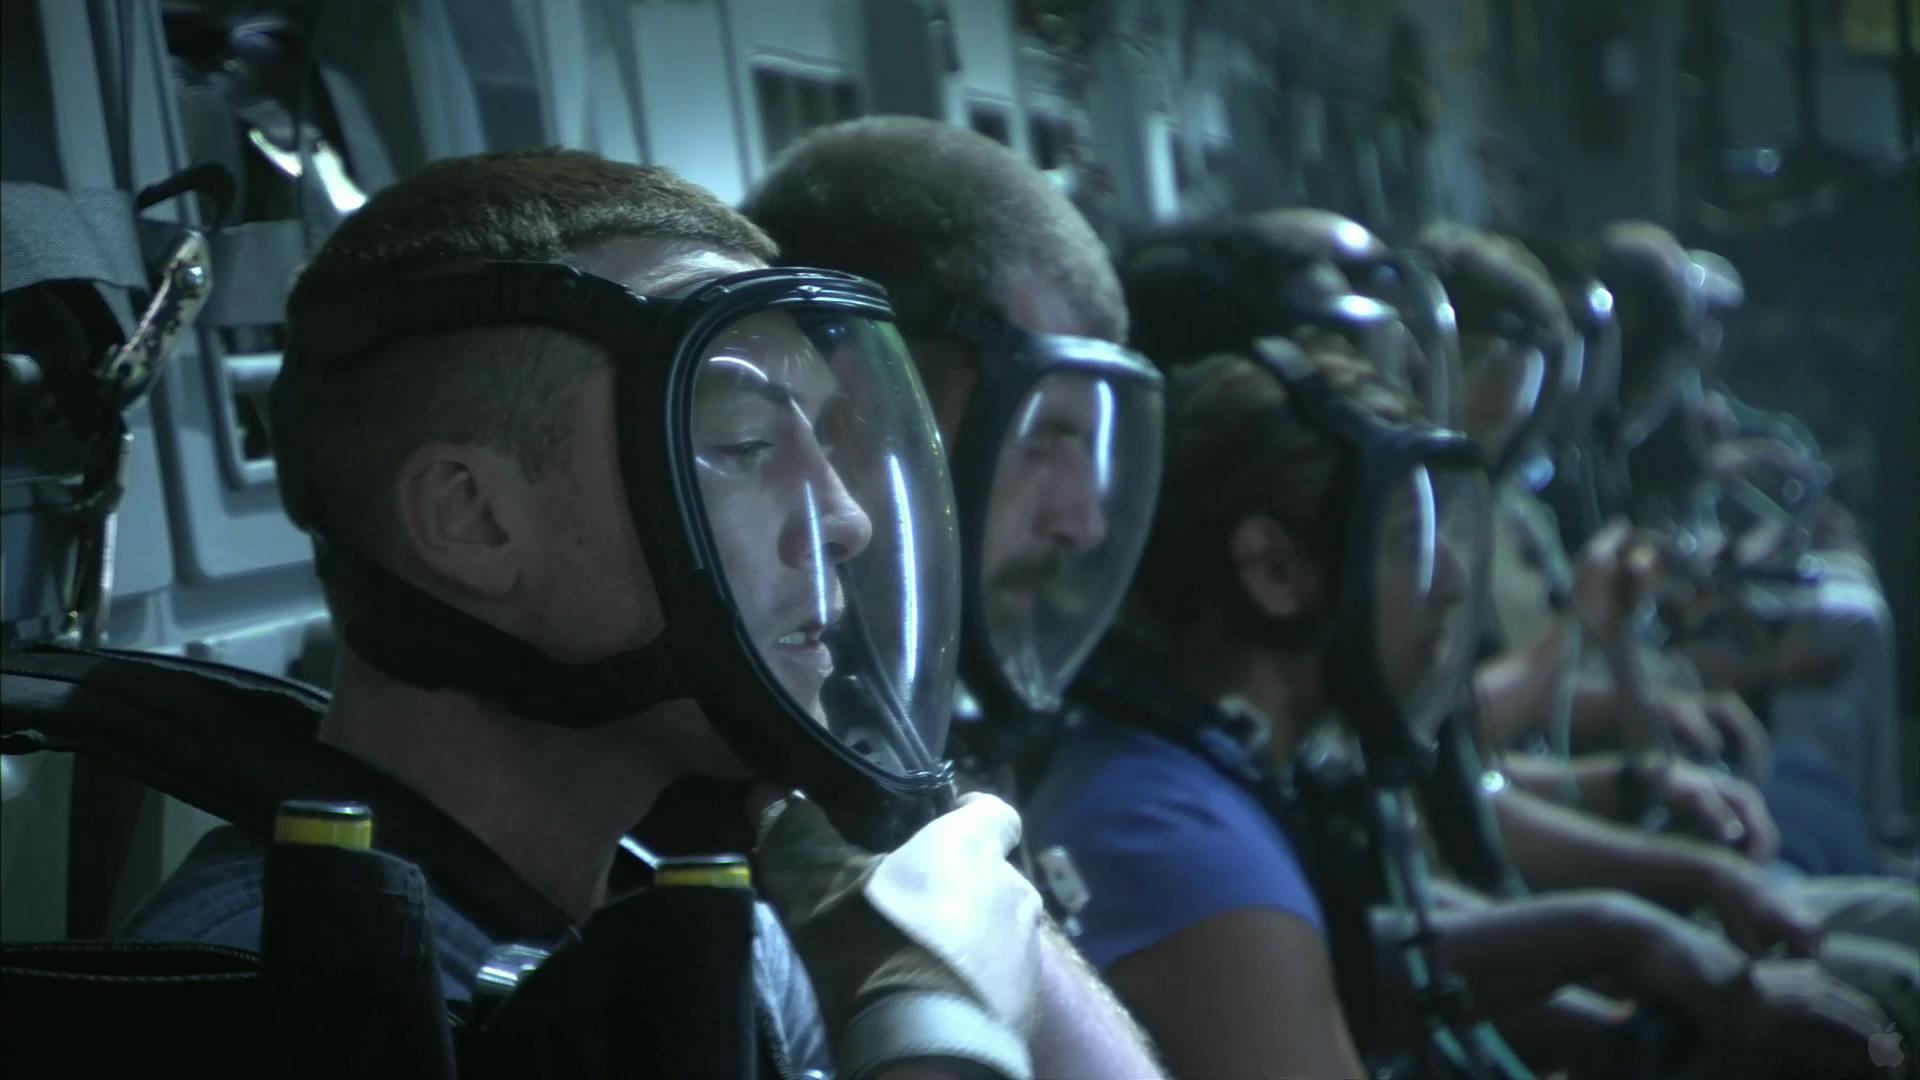 阿凡达3d版电影下载_阿凡达之类的科幻电影-阿凡达幼崽是真的吗/类似阿凡达的电影 ...